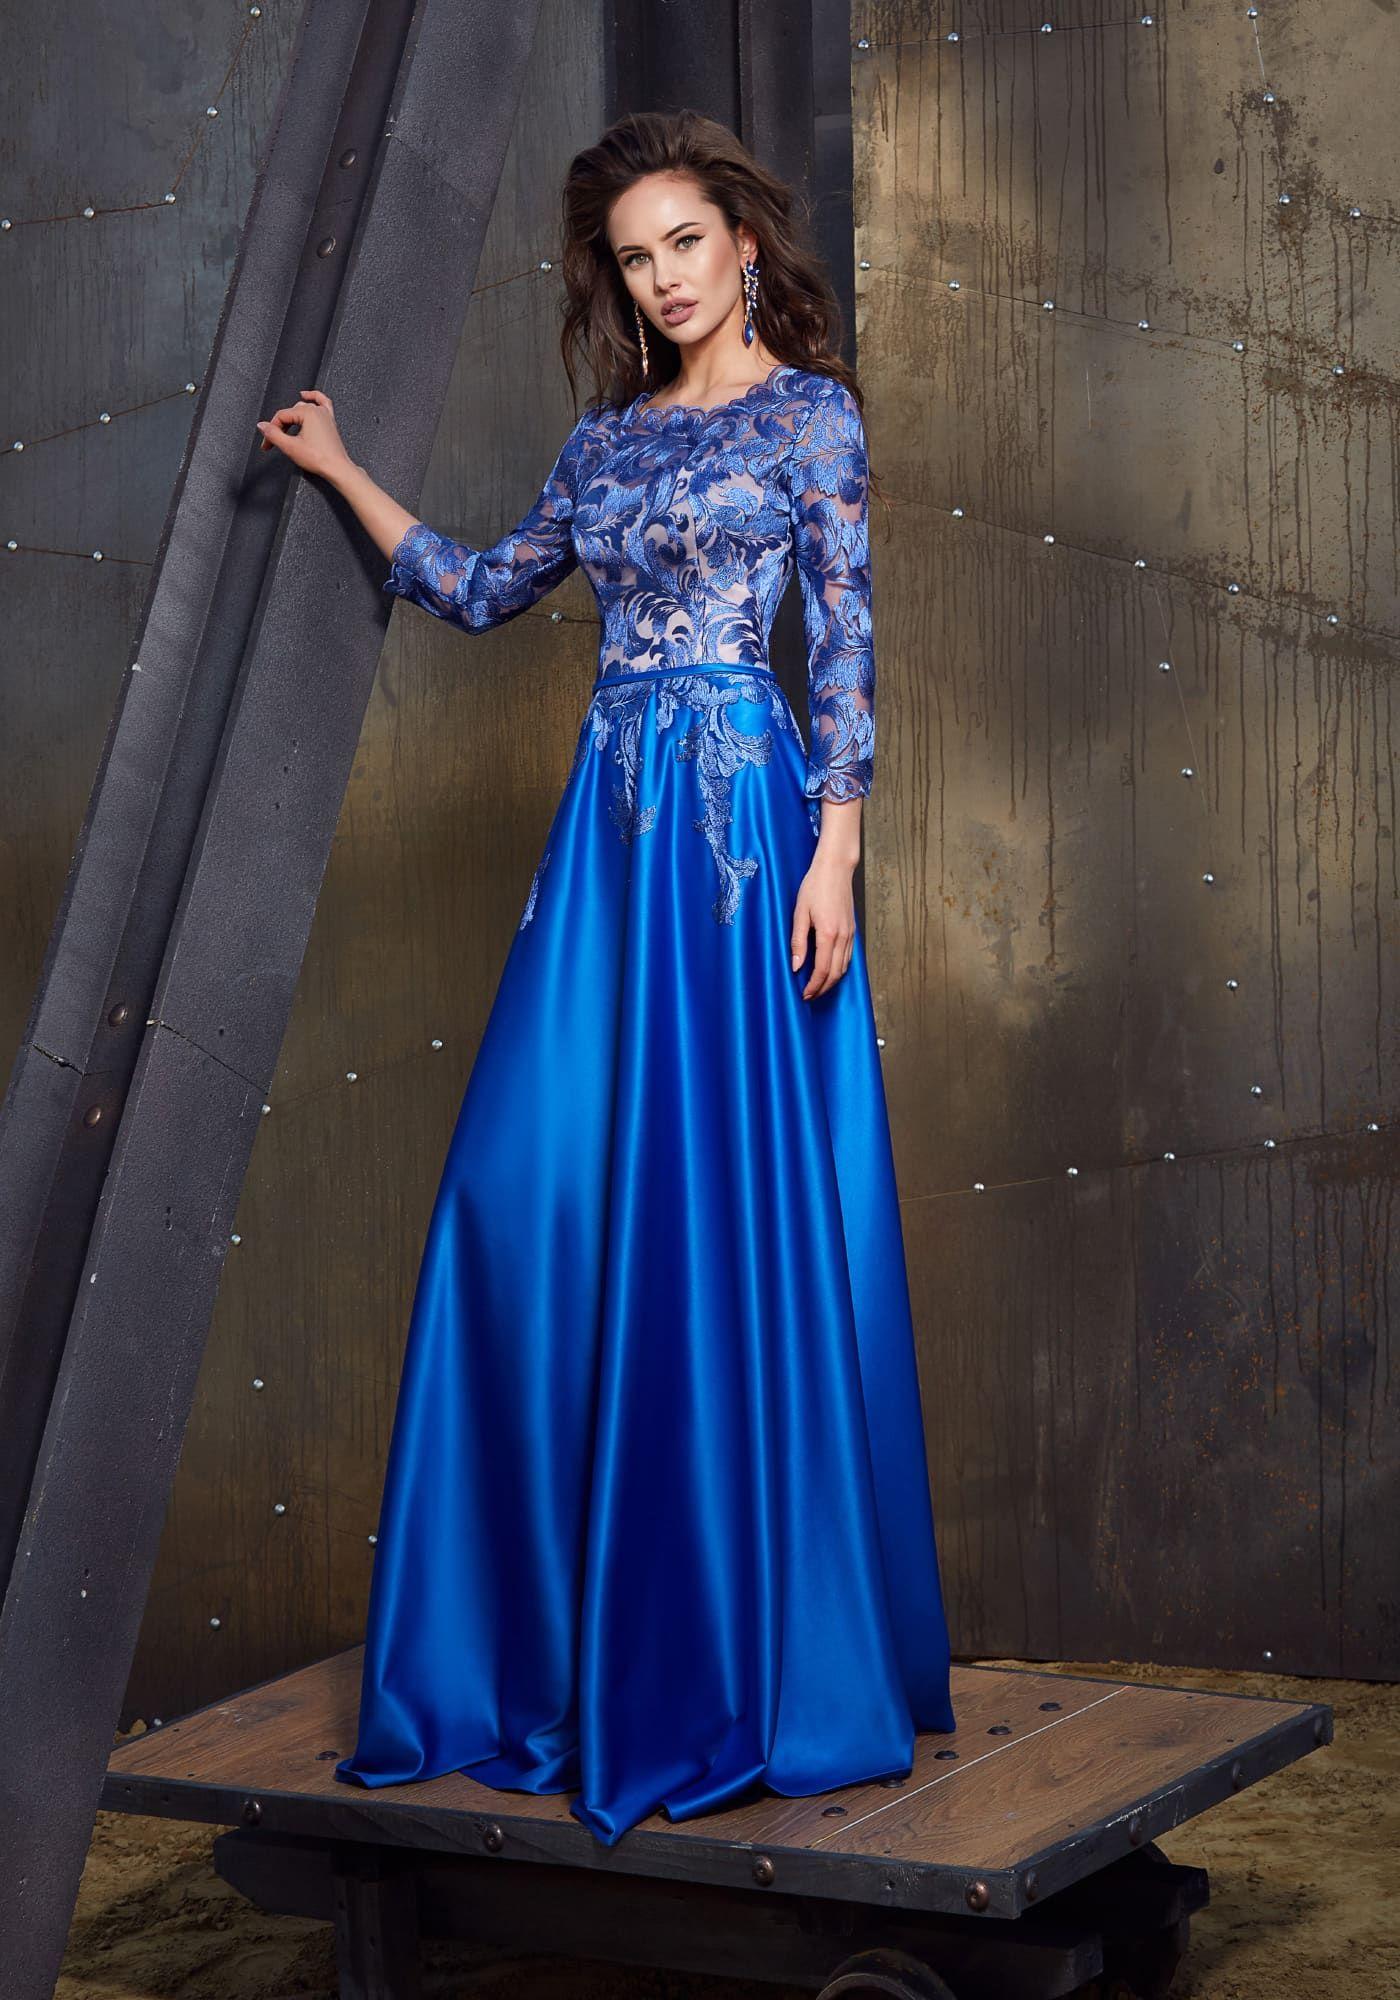 решилась красивые длинные синие платья фото велоспорта тренируются